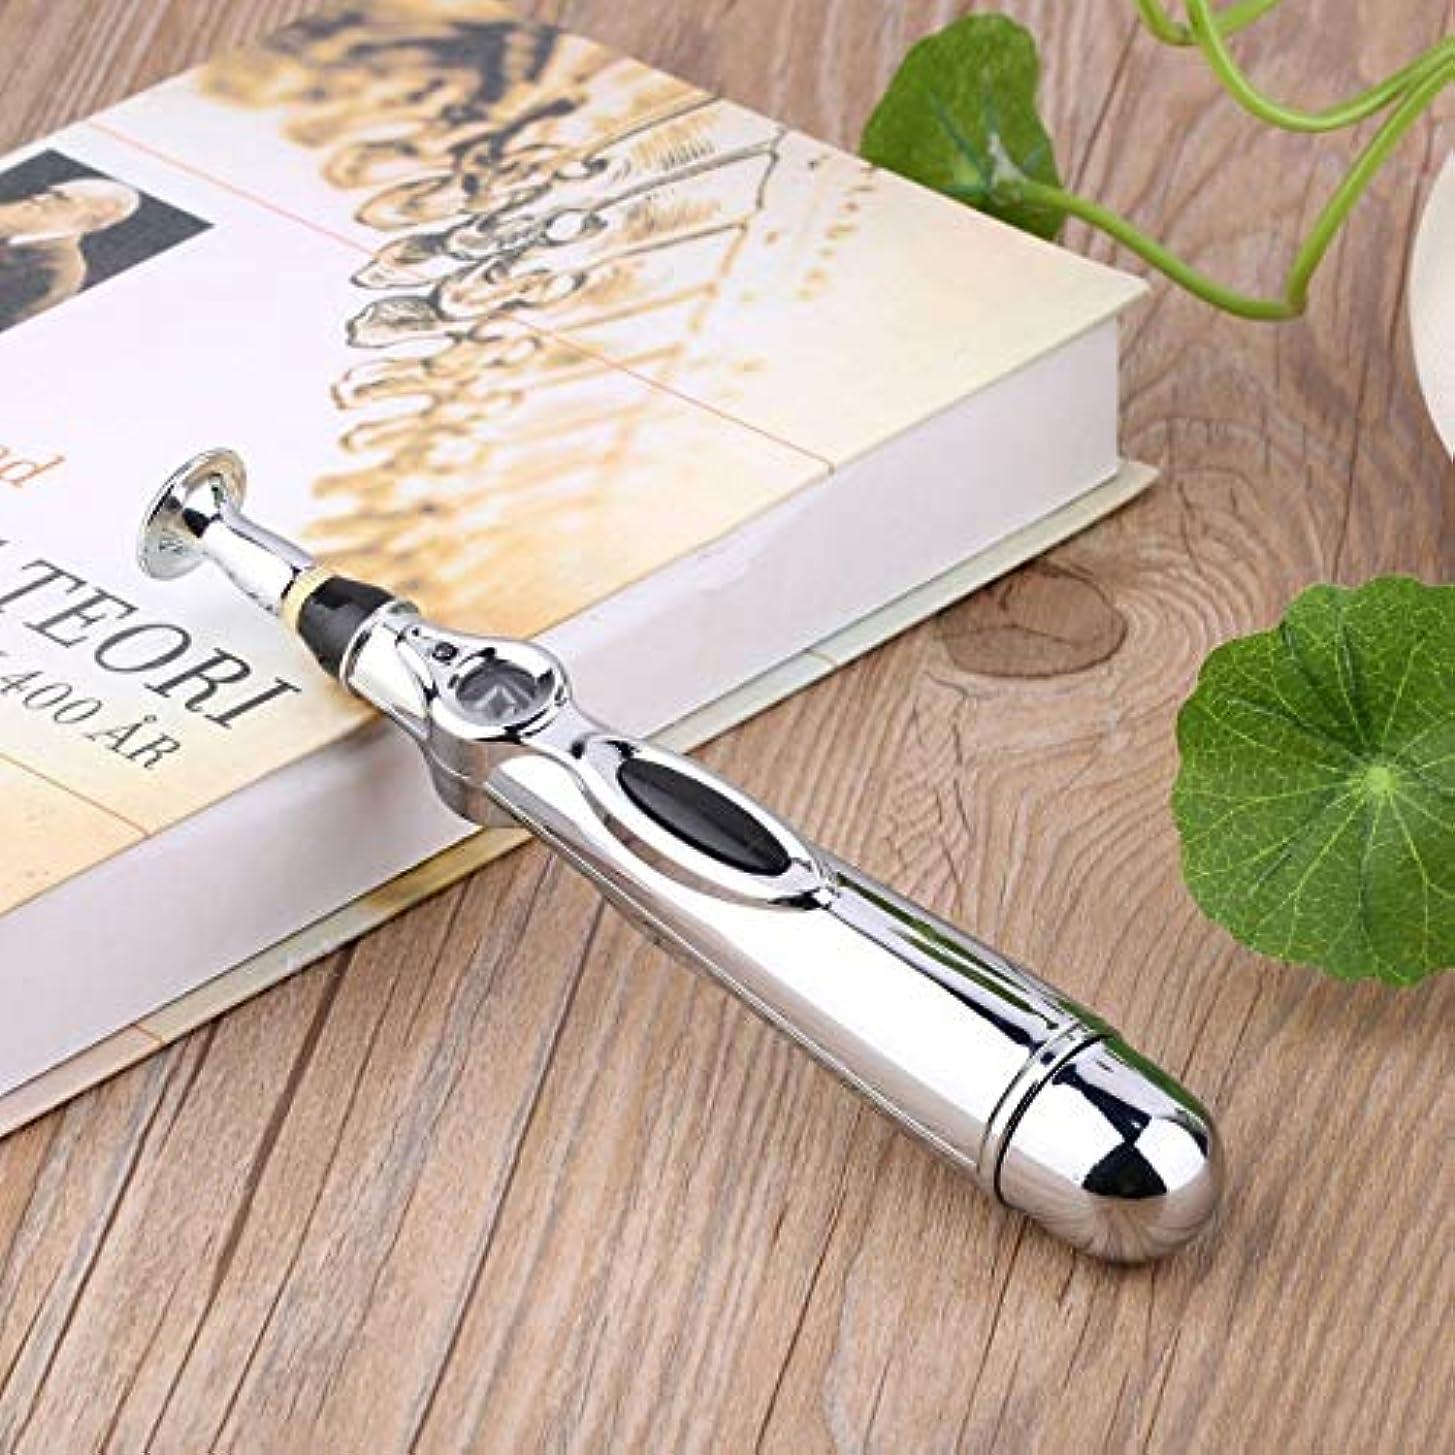 電気鍼マッサージペンの健康子午線の痛みを軽減する治療電子子午線エネルギーペンのマッサージボディヘッドネック脚